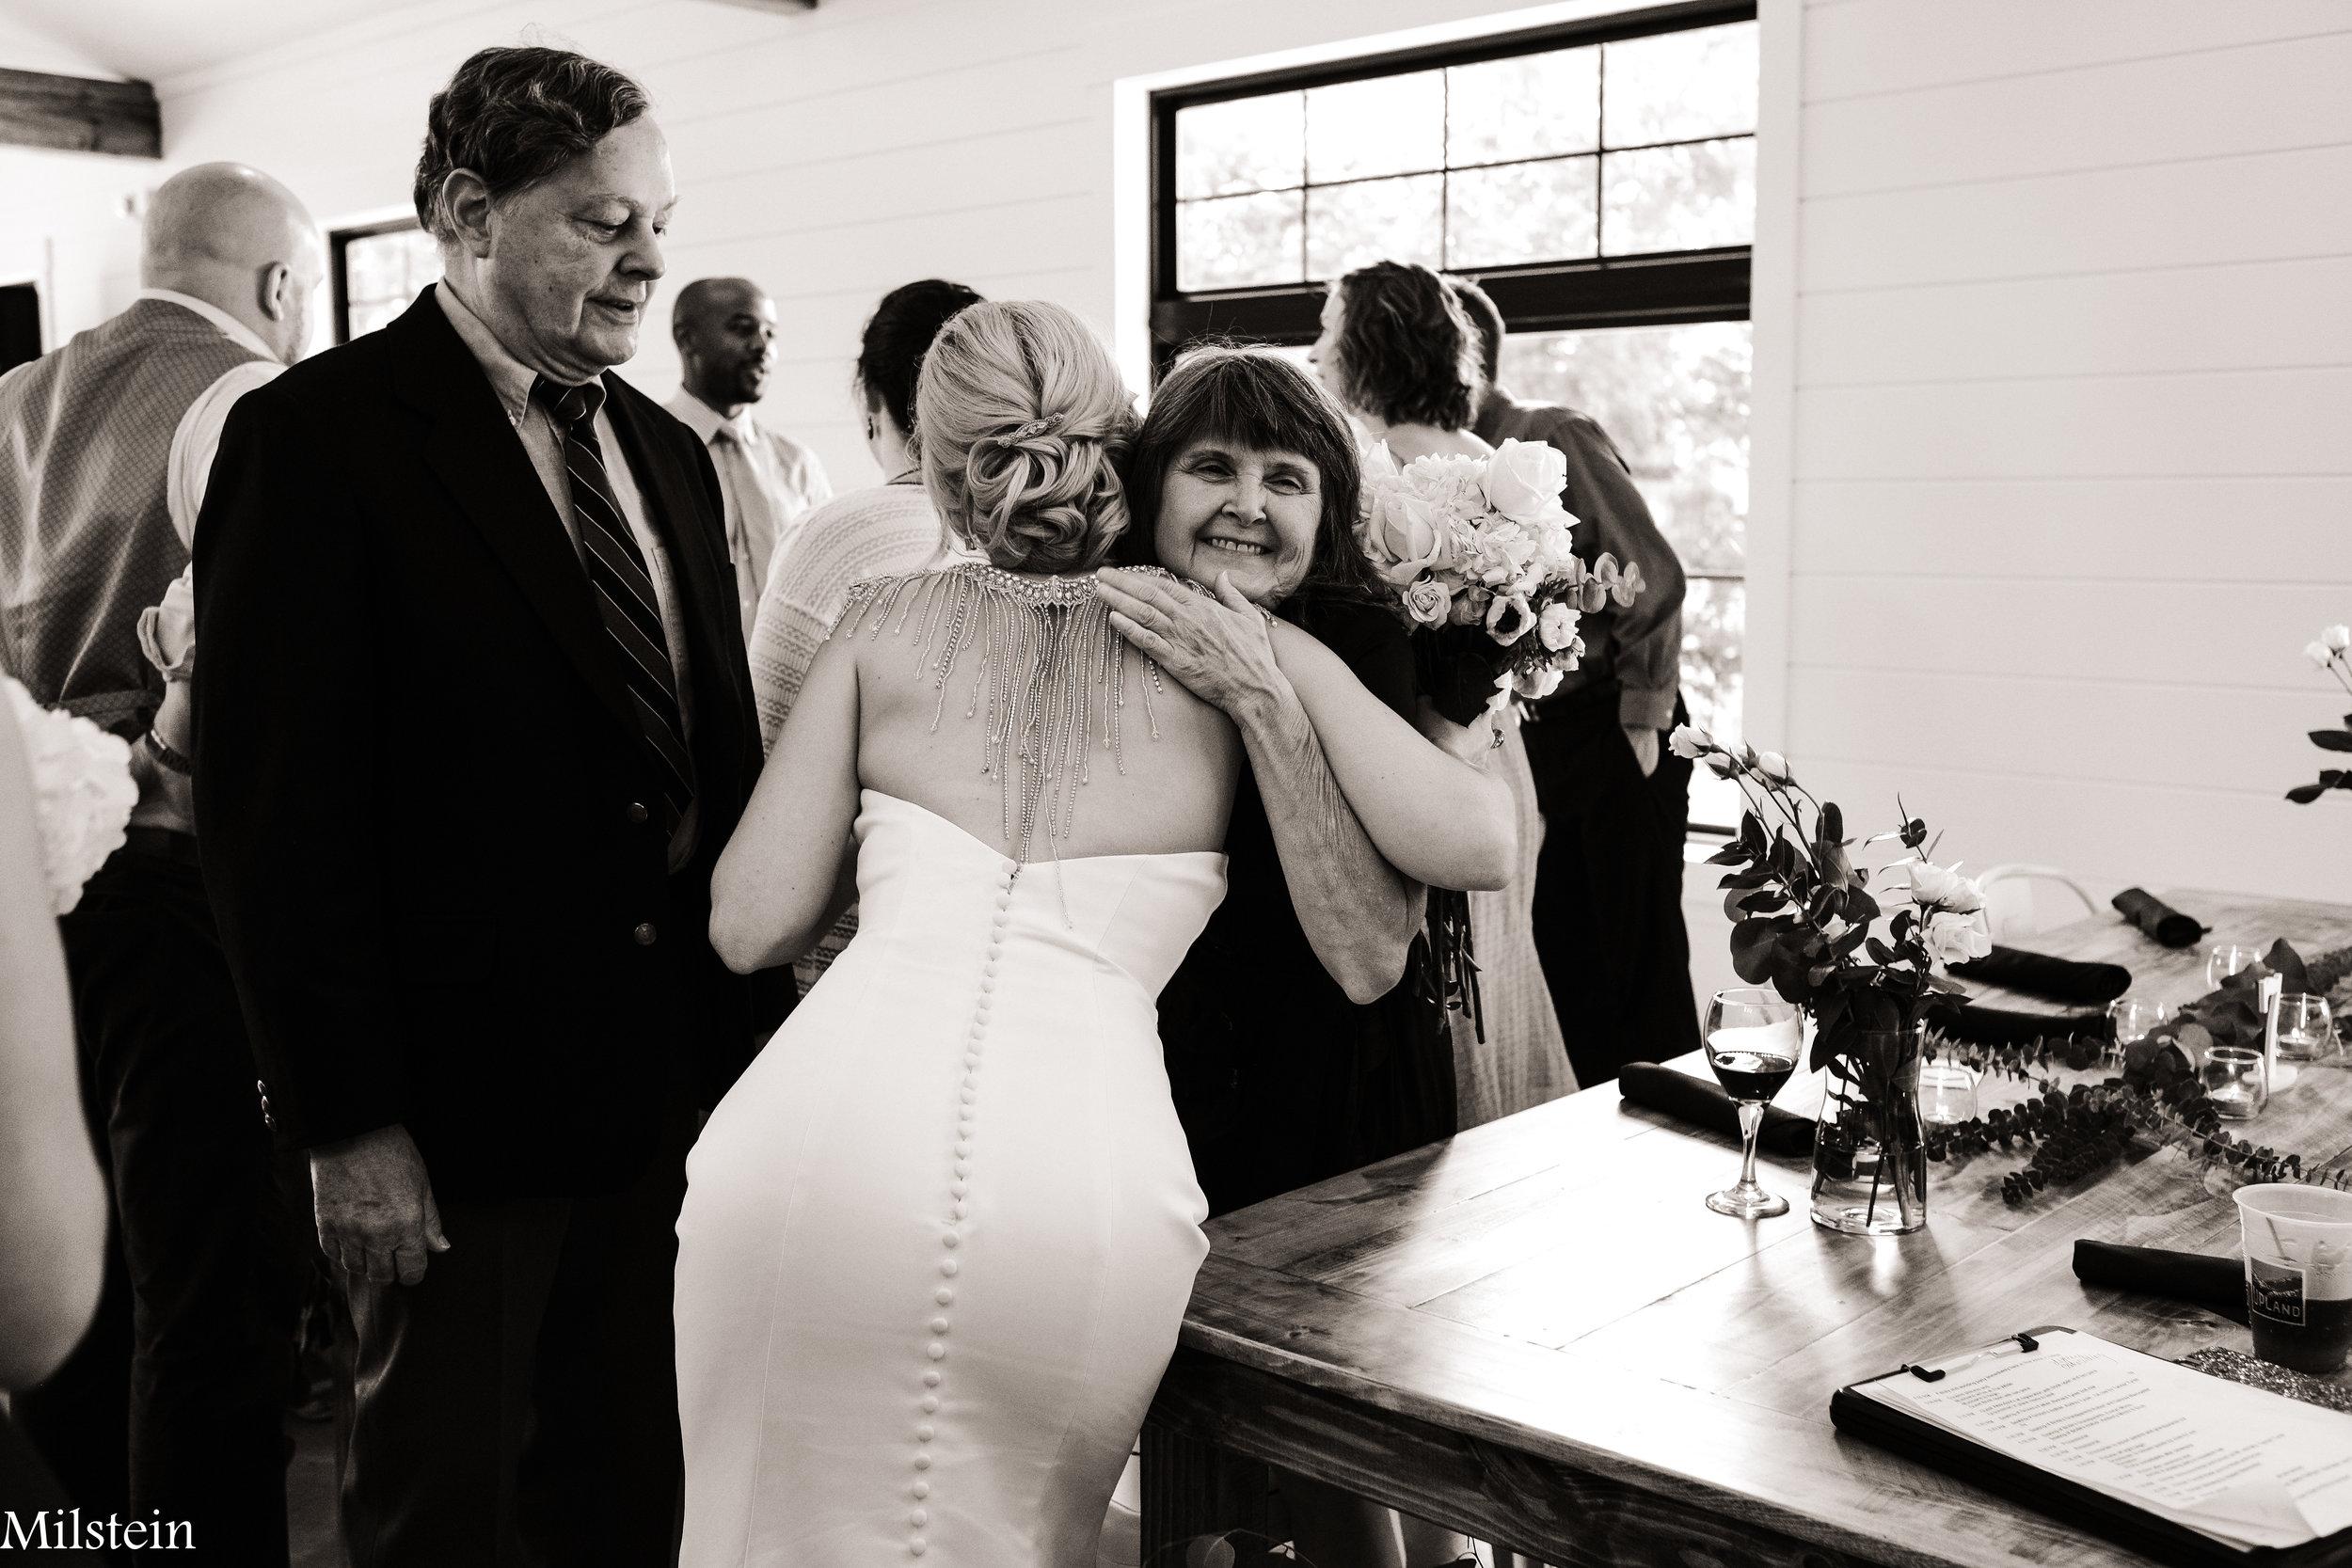 Amy-Milstein-Best-NYC-Wedding-Photographer